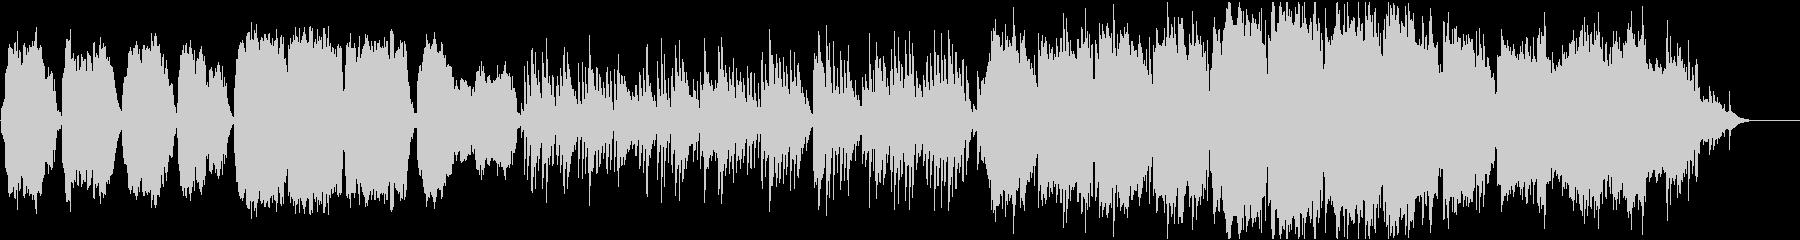 ケルトのホイッスルとハープの柔らかな曲8の未再生の波形